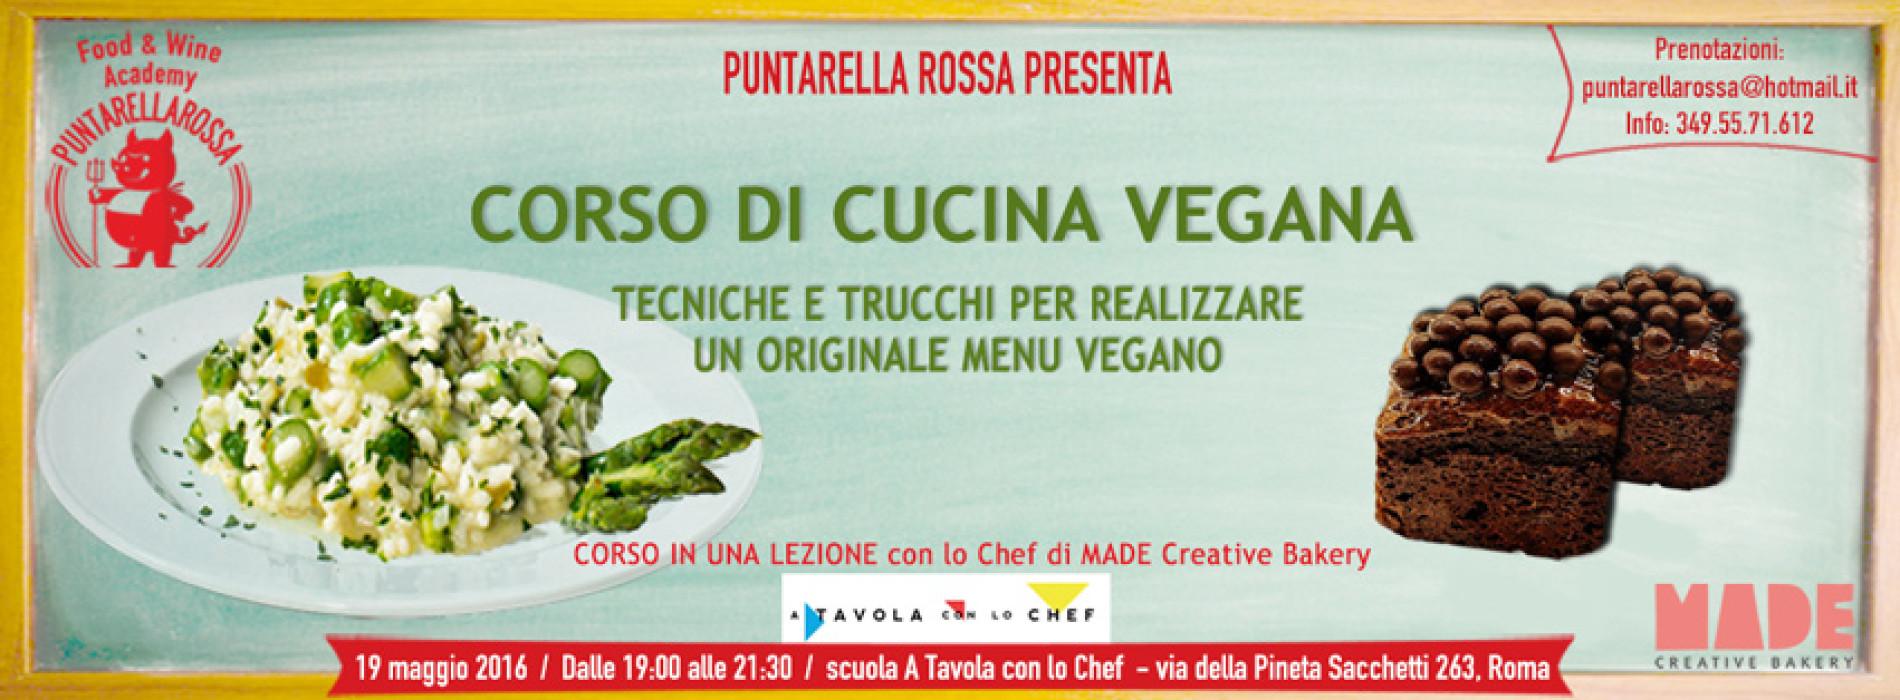 corso di cucina vegana a roma 19 maggio 2016 per un menu green ma ricco di gusto